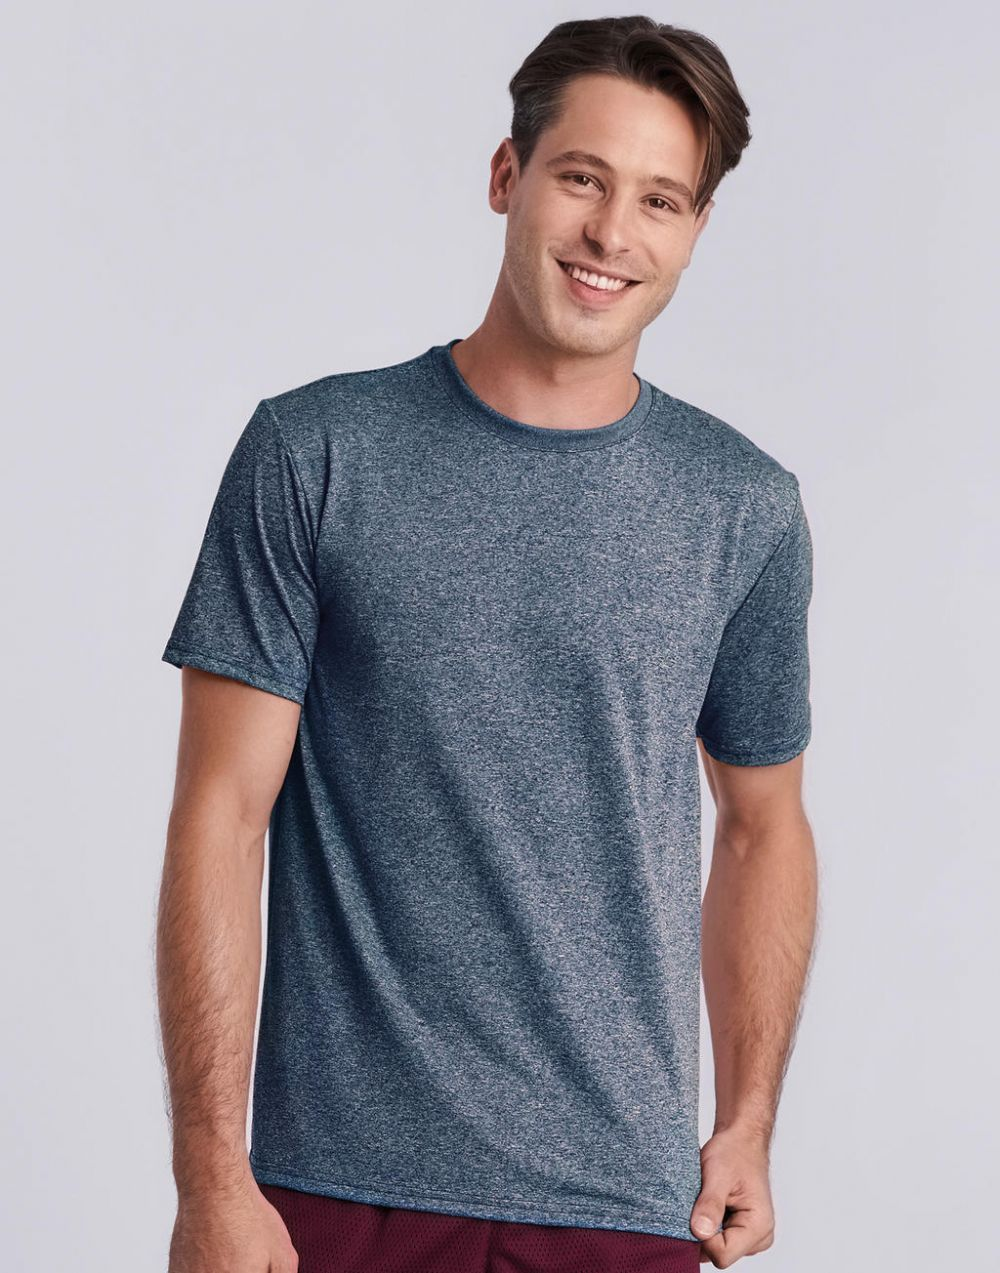 Camisetas técnicas gildan performance core hombre con logo imagen 1